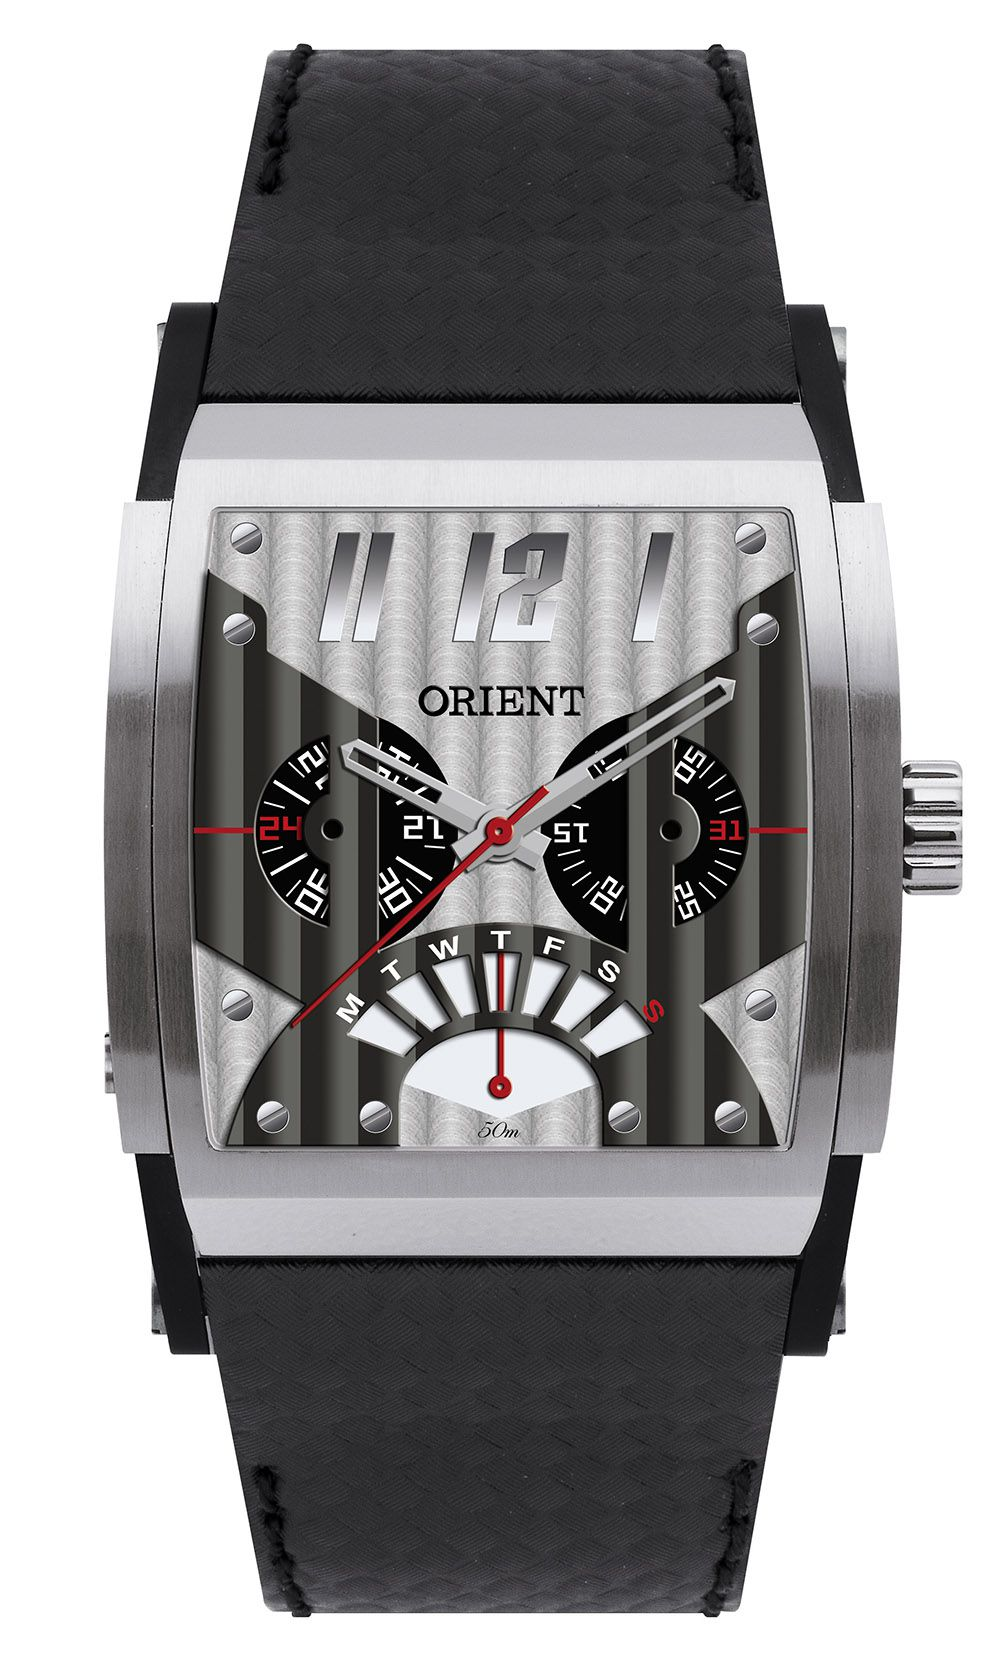 Relógio Orient Masculino GTSCM001 Preto